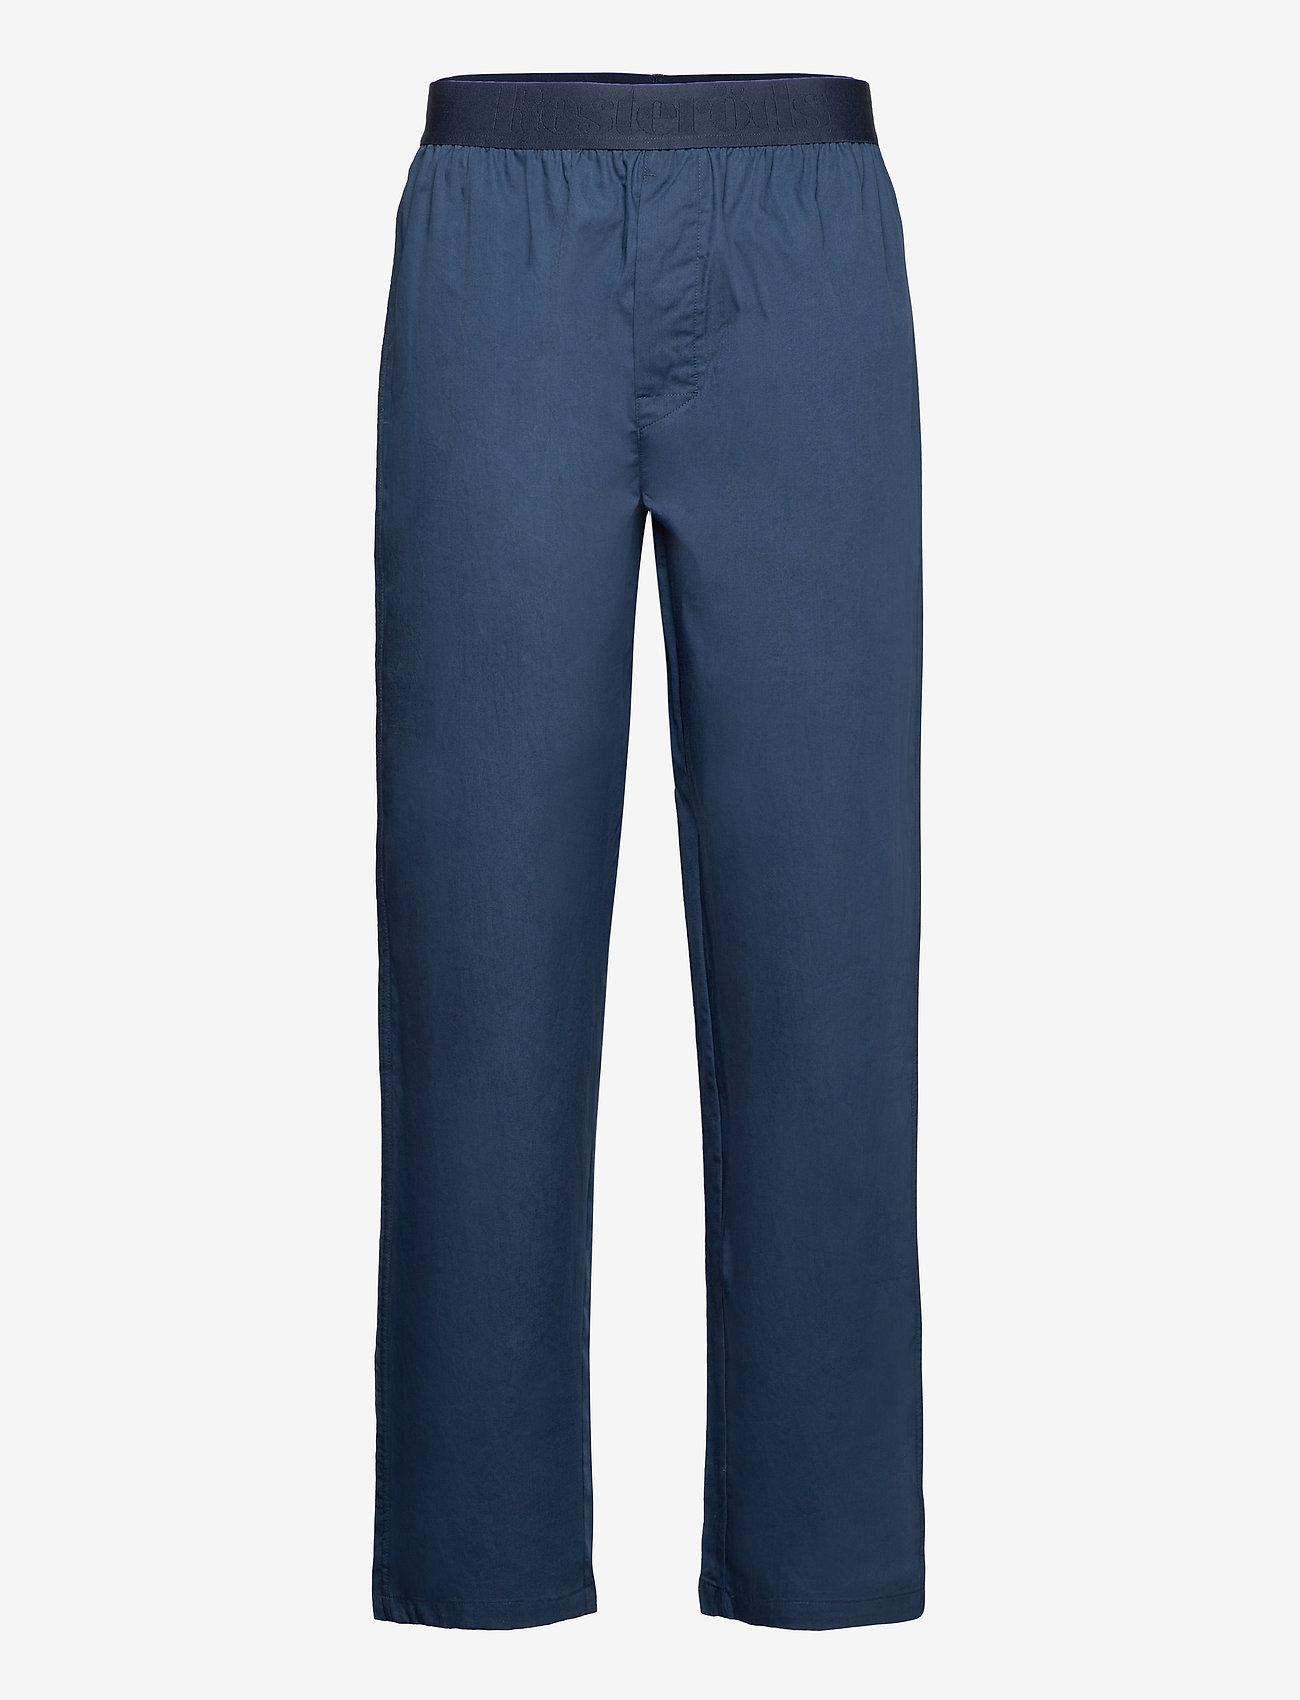 Resteröds - Resteröds Pyjamas pants Org. - bottoms - navy - 0